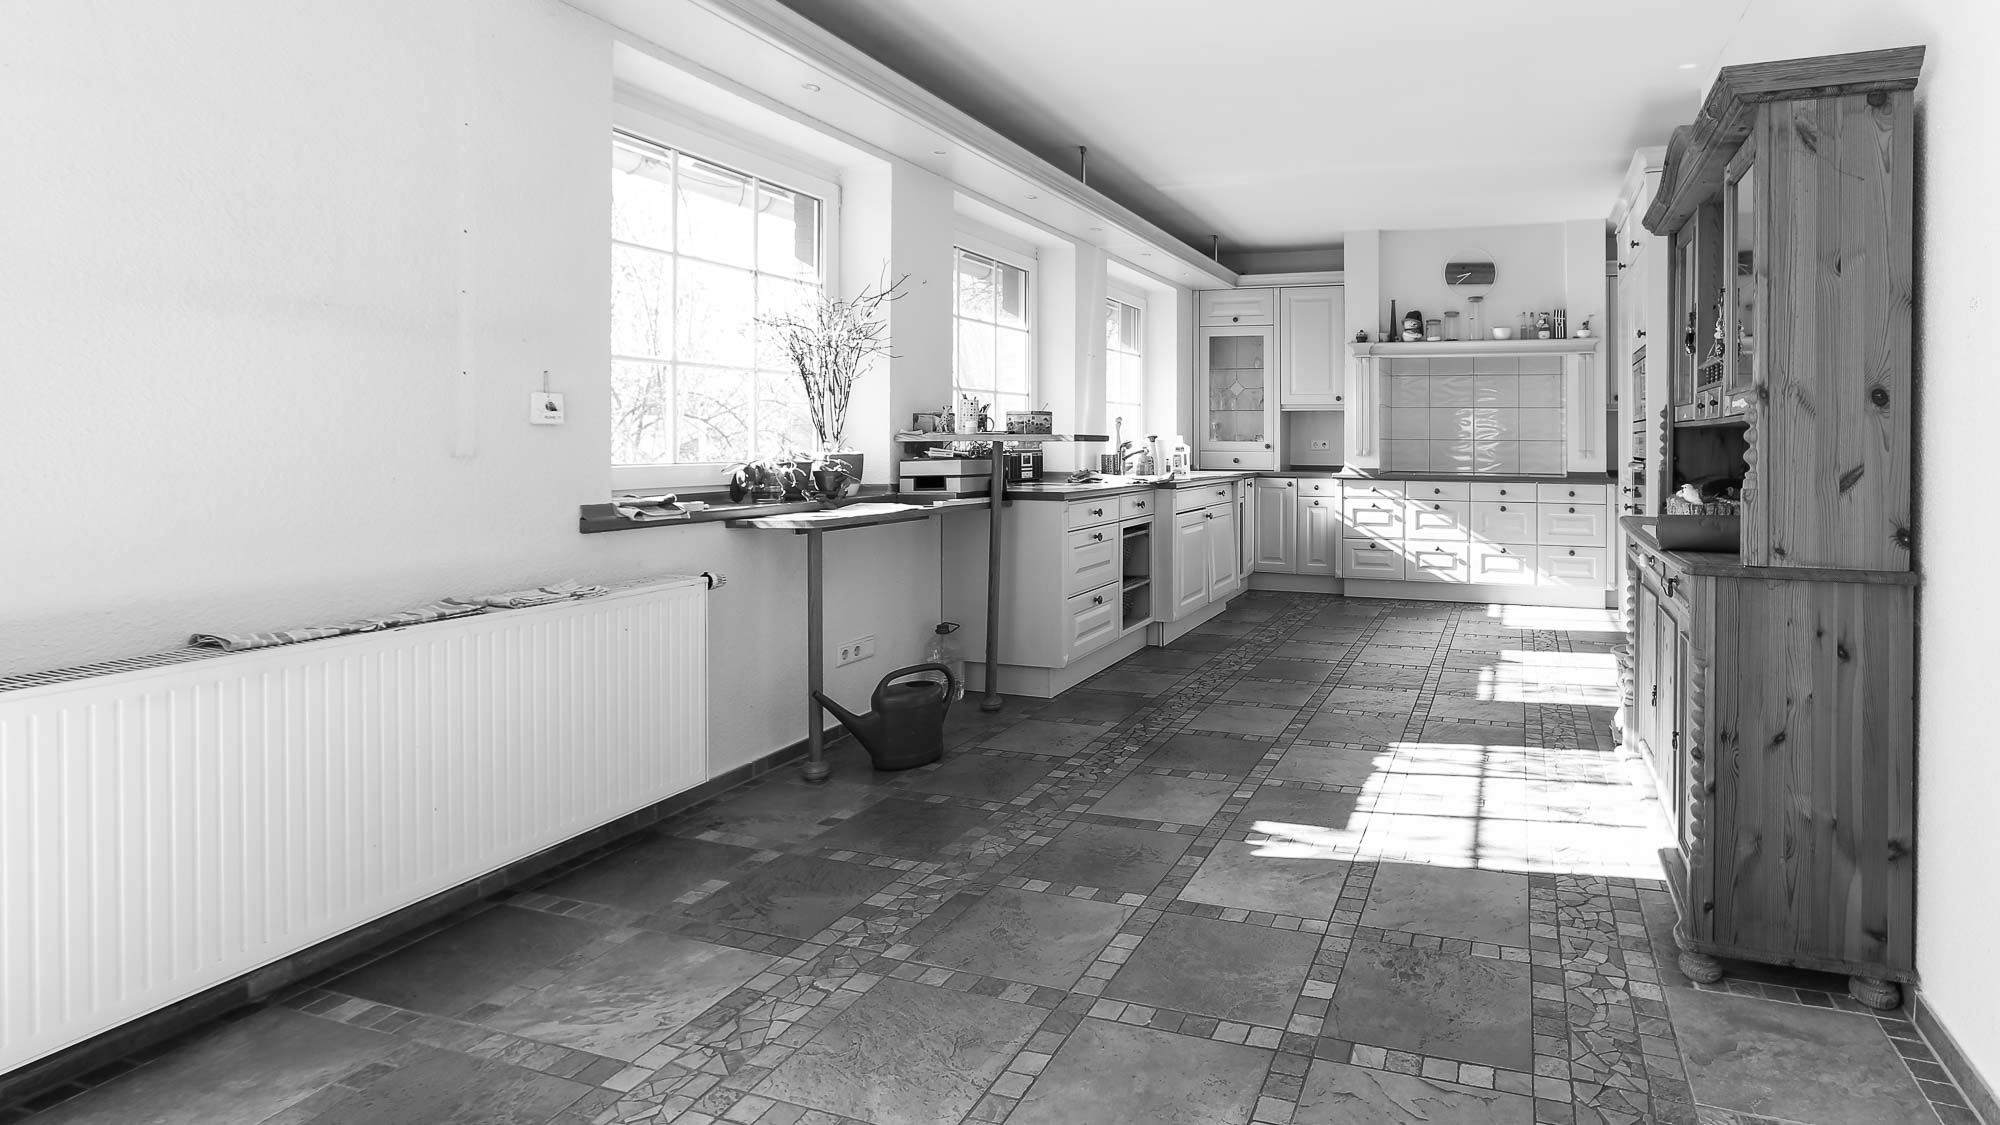 HomeStaging by Ute Niermann / mennemann exklusives wohnen